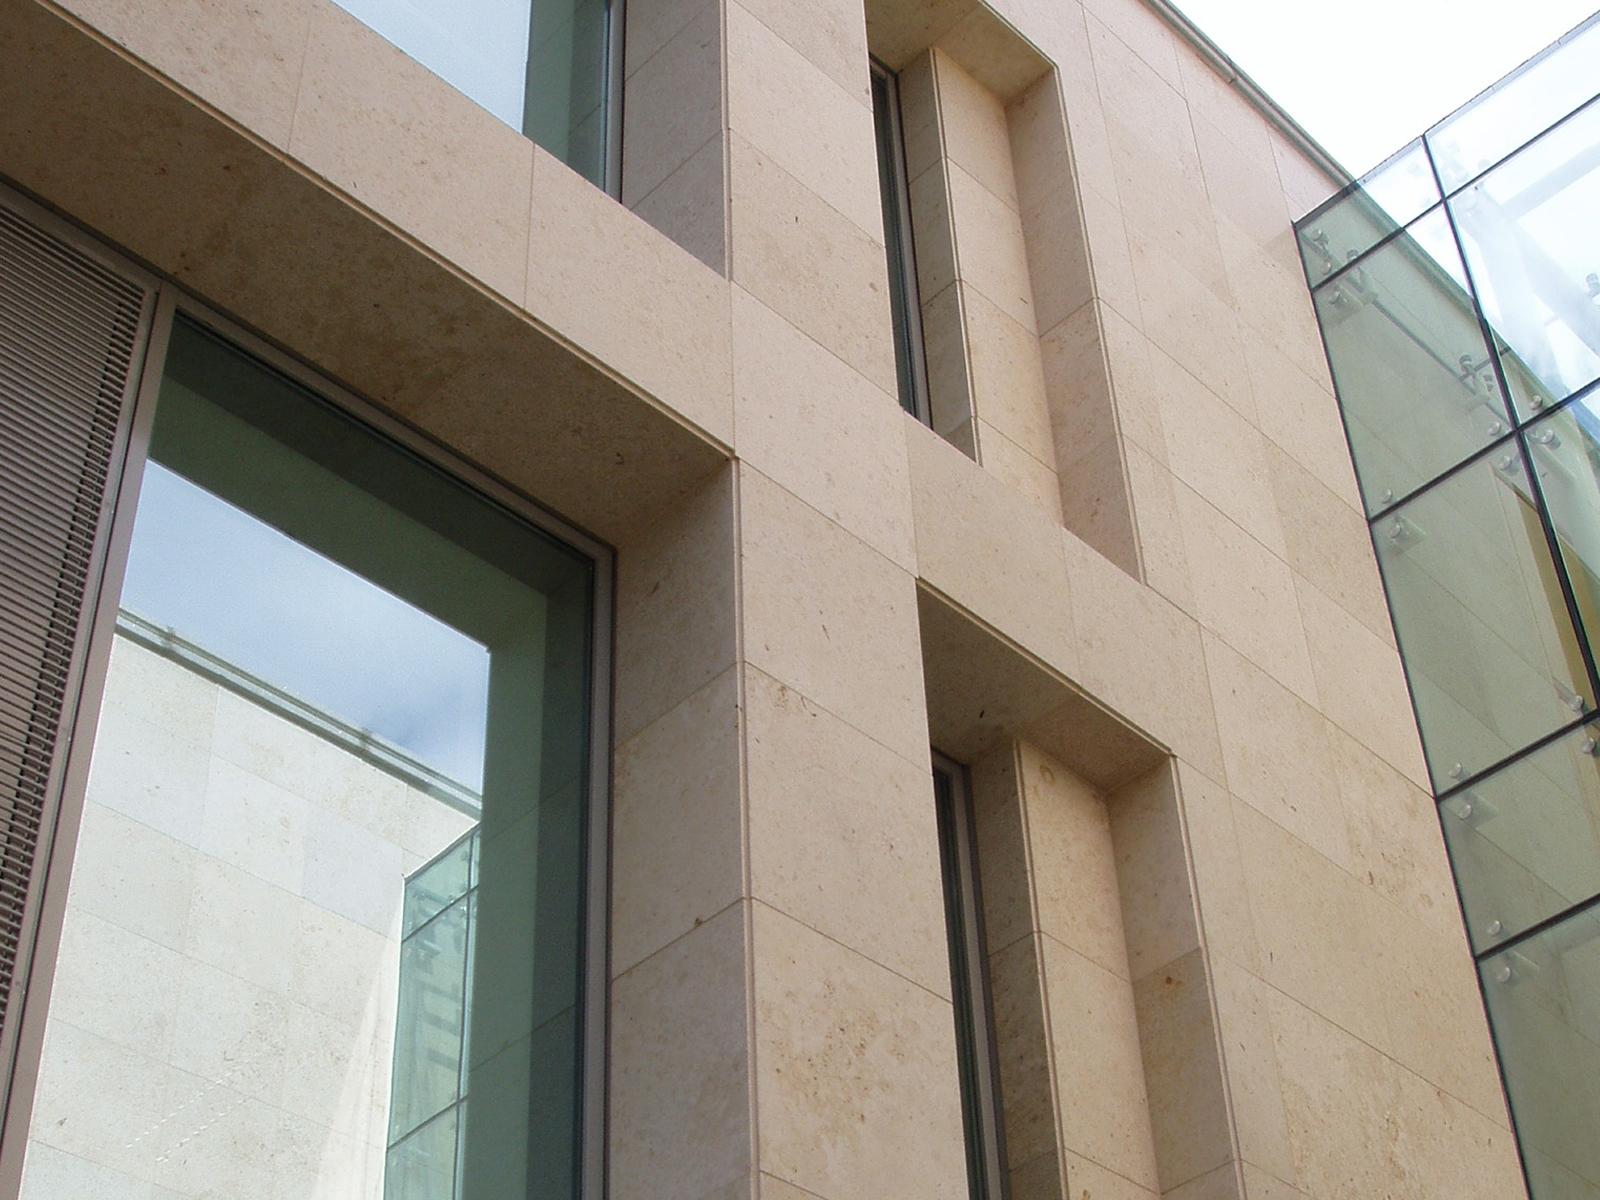 Piedra natural sabbia de solnhofen - Piedra caliza para fachadas ...